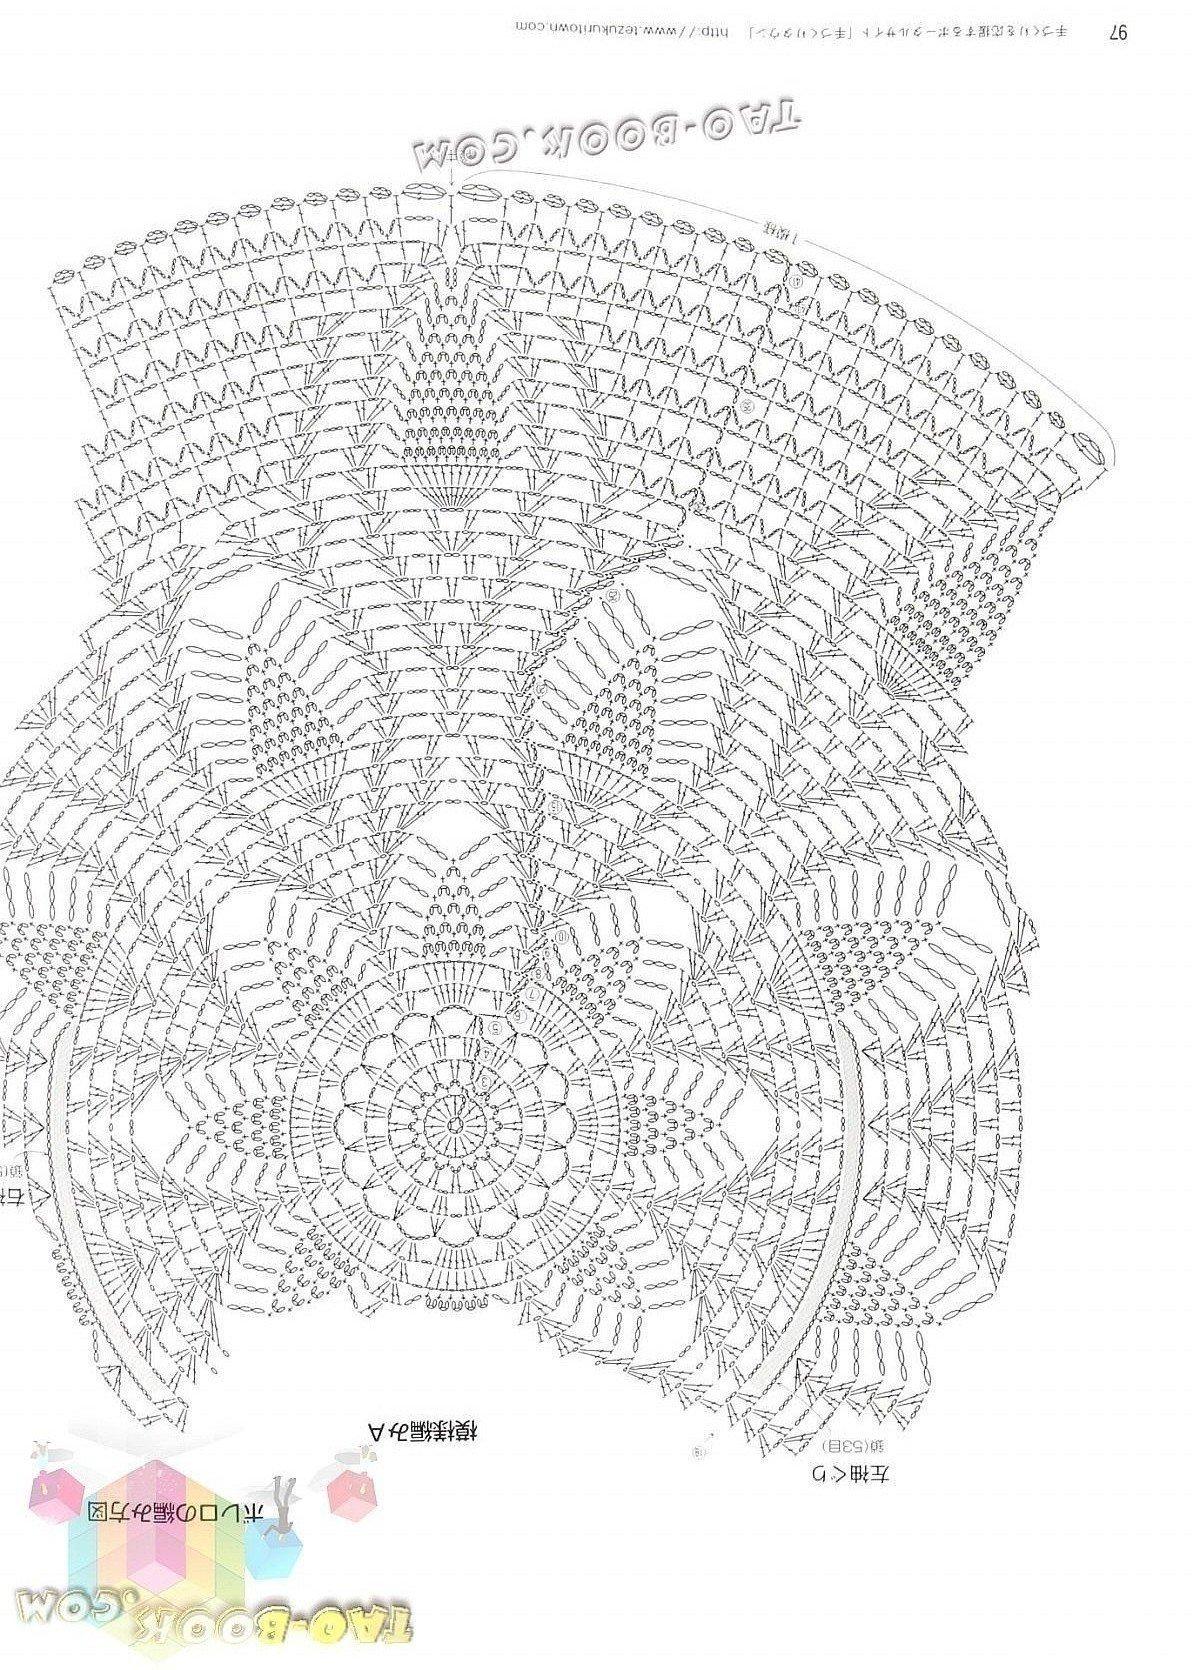 桌布衣图解1.jpg